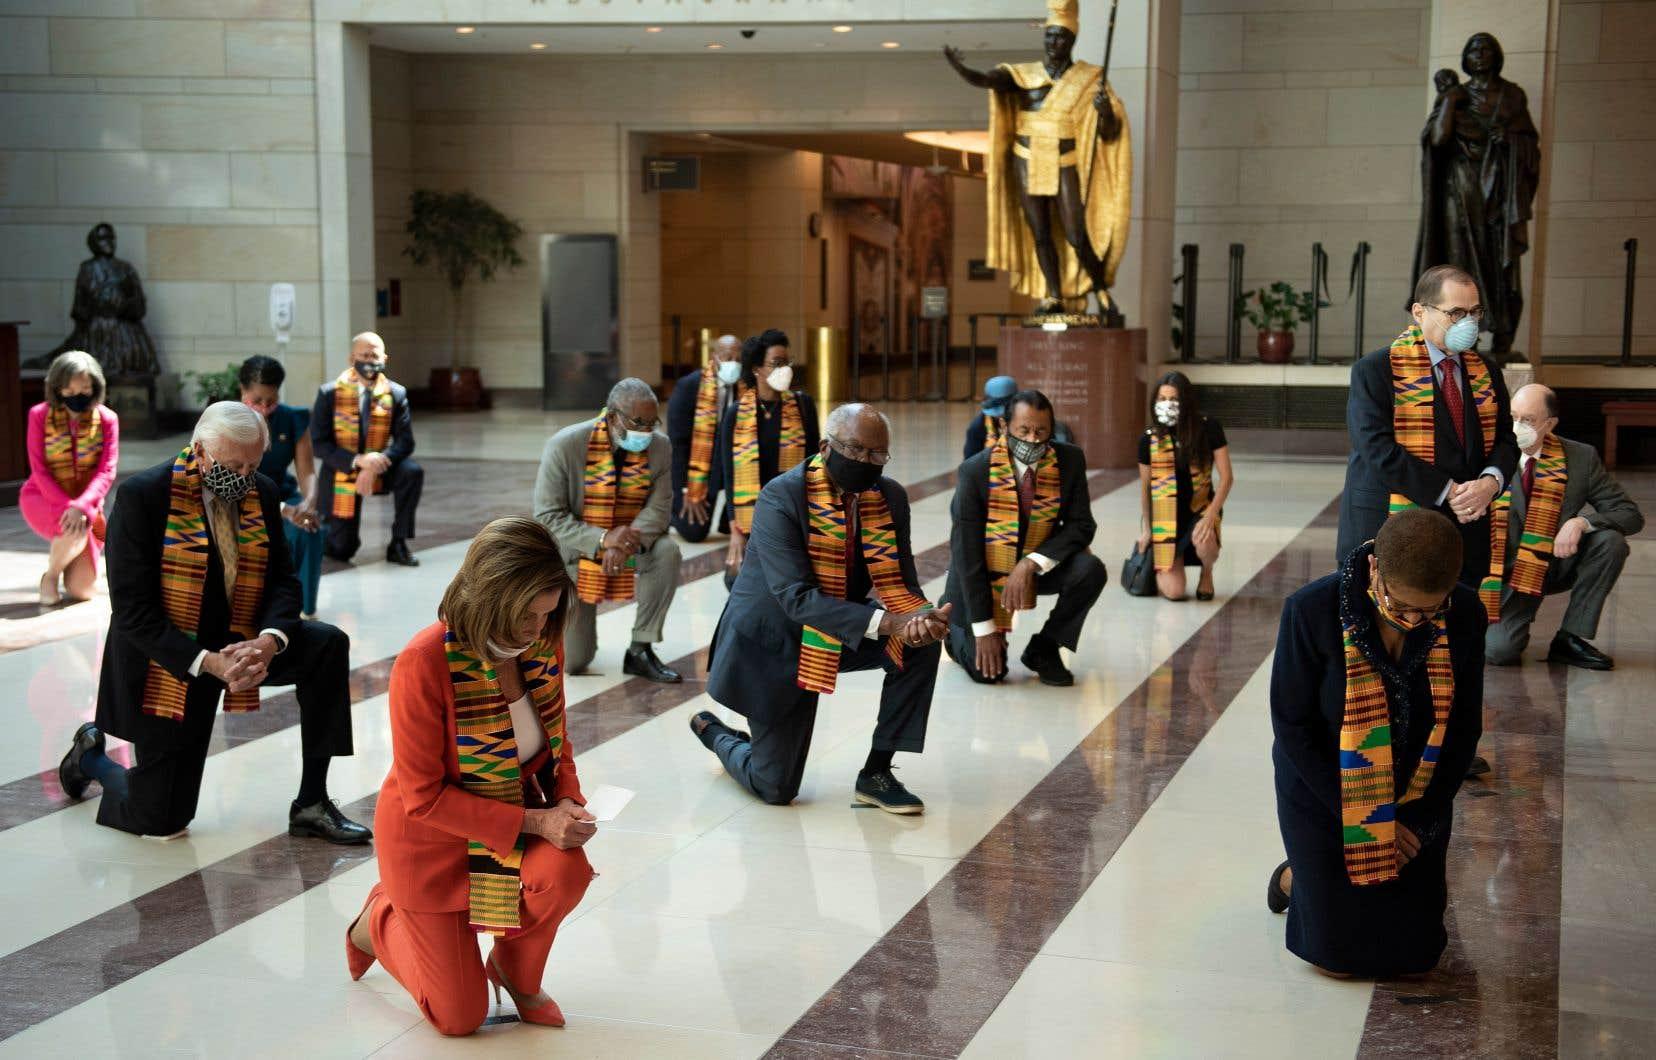 La présidente démocrate du Congrès, Nancy Pelosi (en avant-plan), ainsi qu'une vingtaine de parlementaires, étaient rassemblés dans le «Hall de l'Émancipation», nommé en hommage aux esclaves qui ont travaillé à la construction du Capitole.